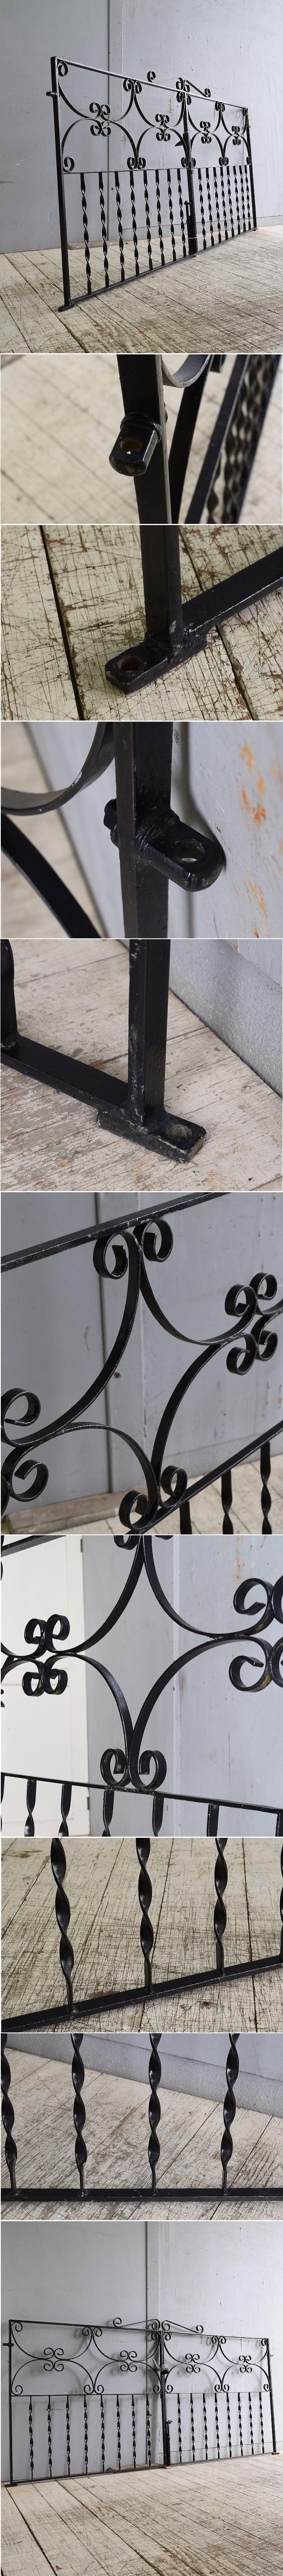 イギリスアンティーク アイアンフェンス ゲート柵 ガーデニング 10244